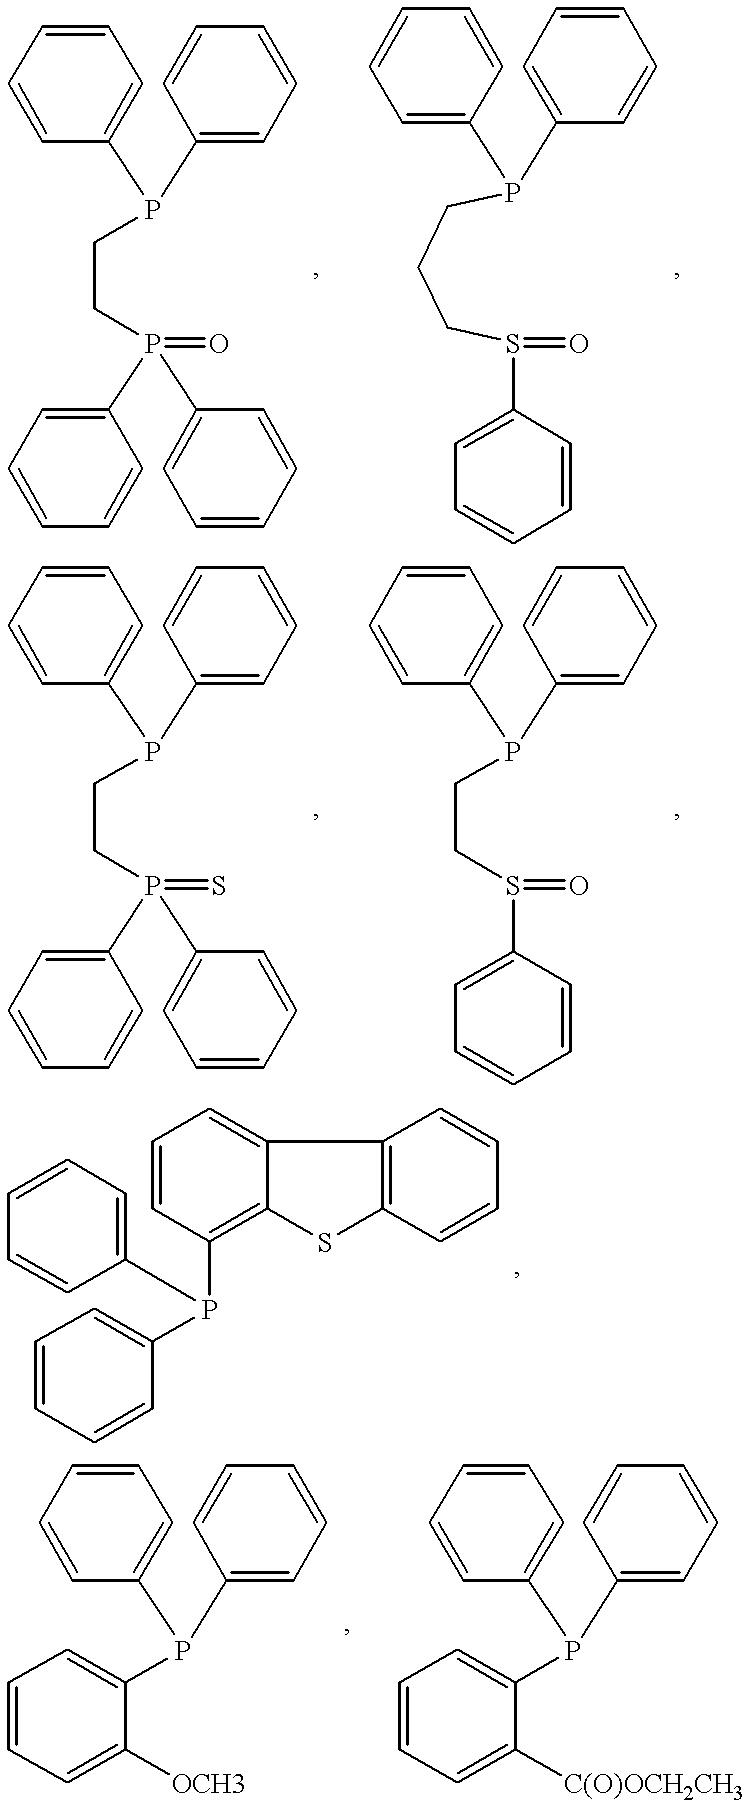 Figure US06303724-20011016-C00015